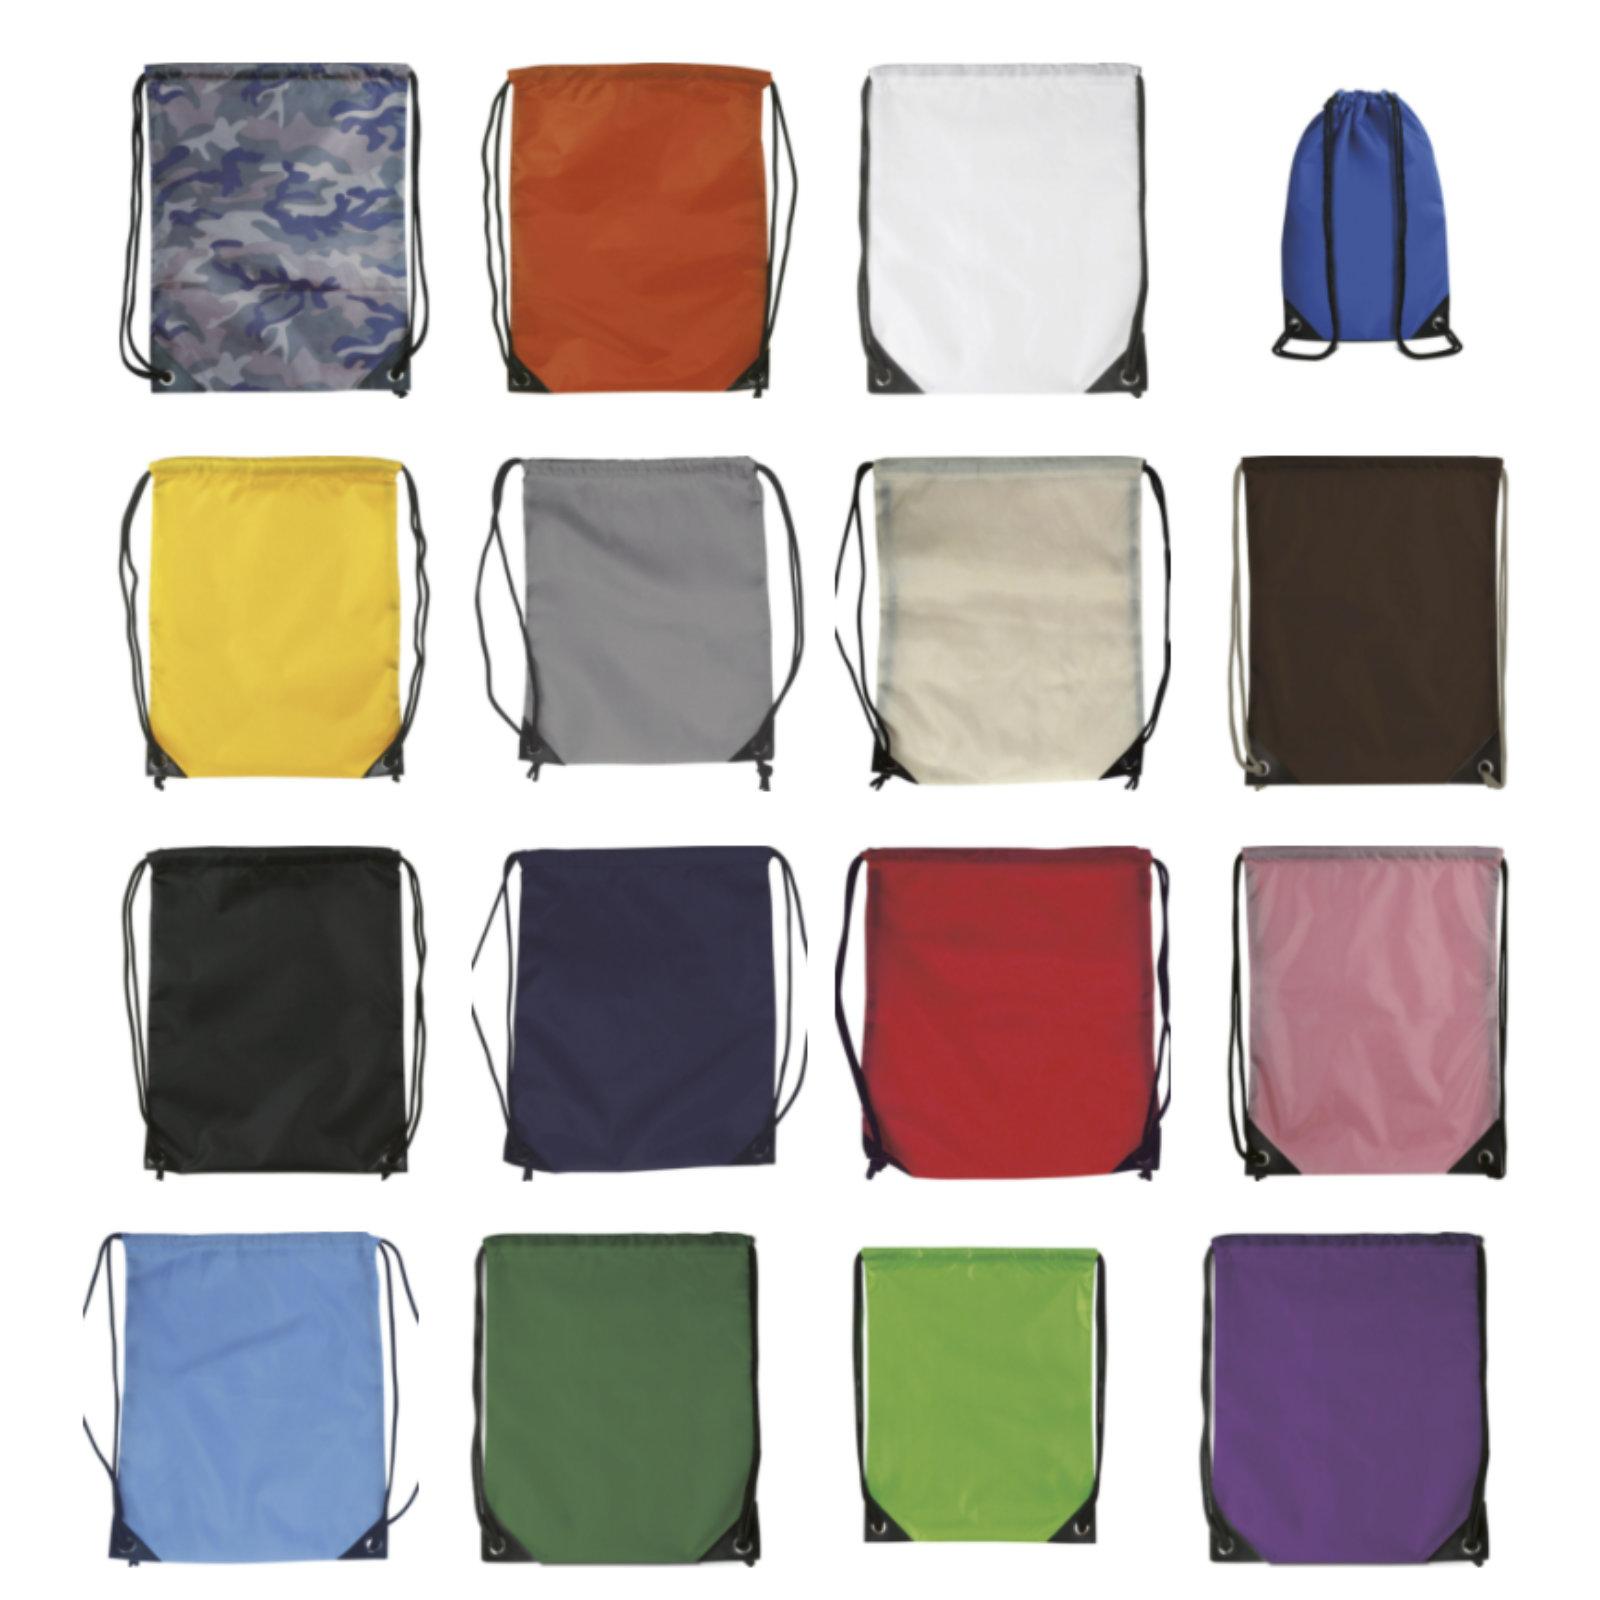 sacchette personalizzate colori